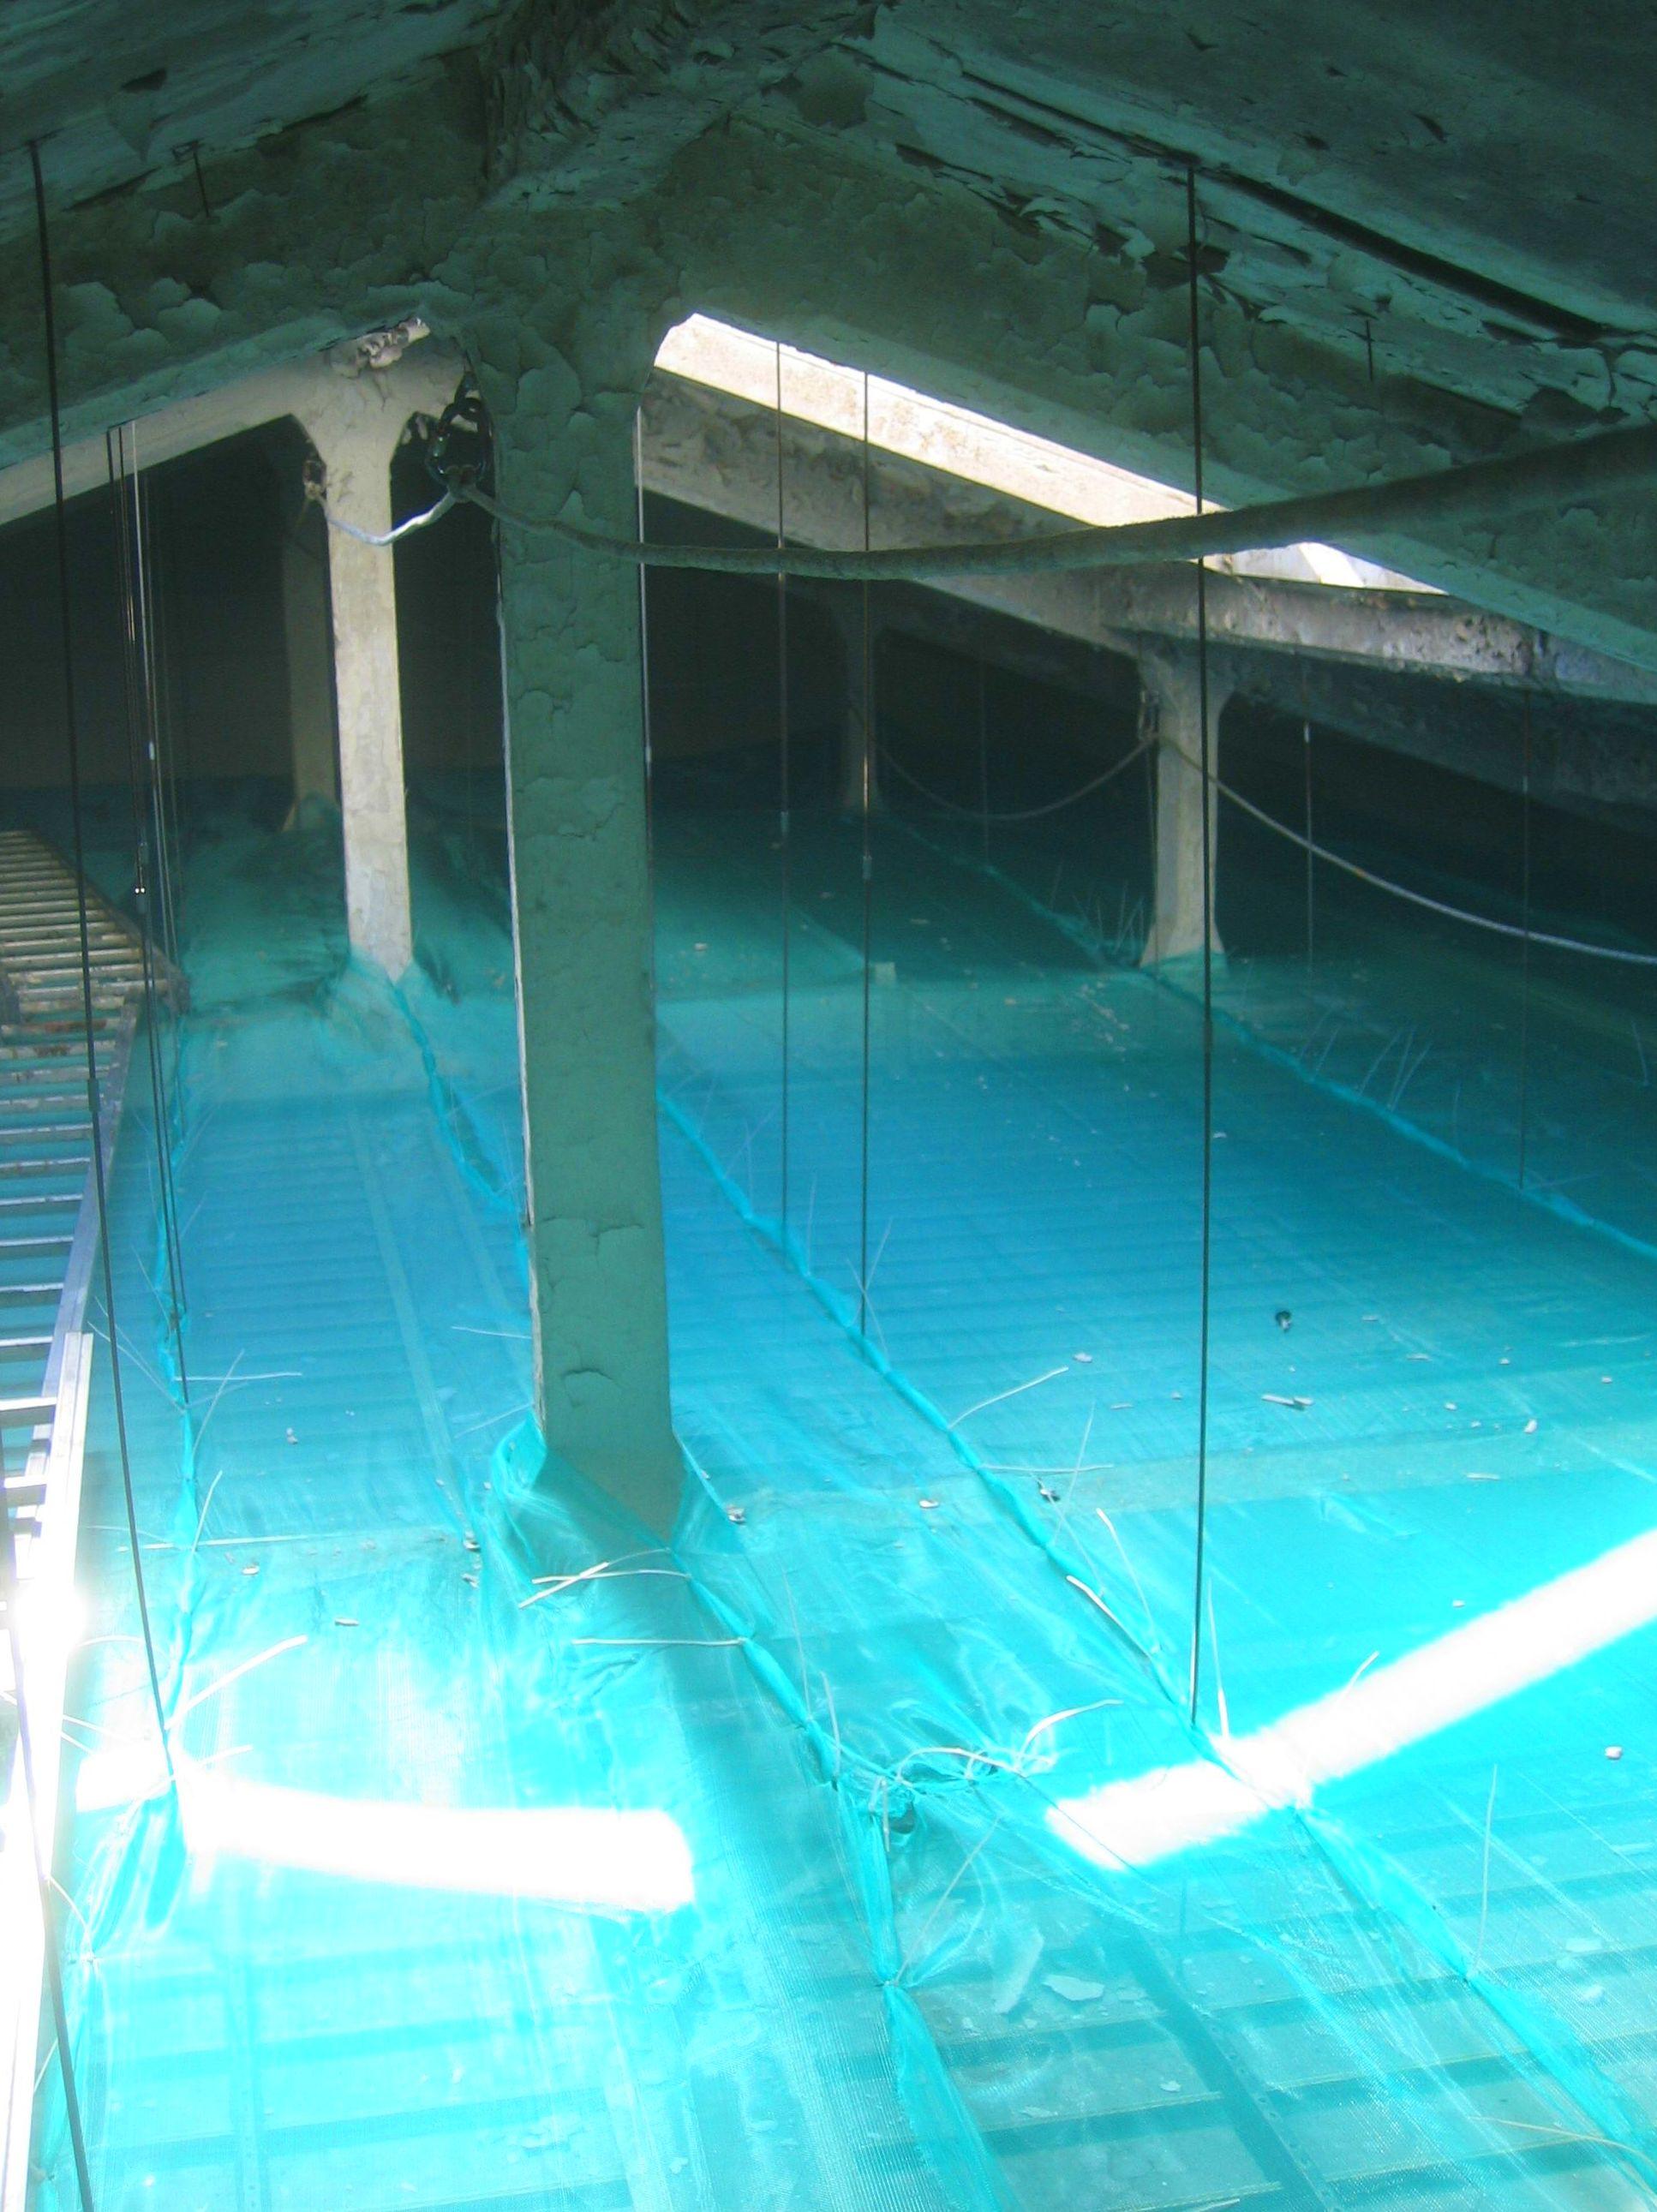 Instalación de red de protección  bajo cubierta. Trabajos verticales Santander.